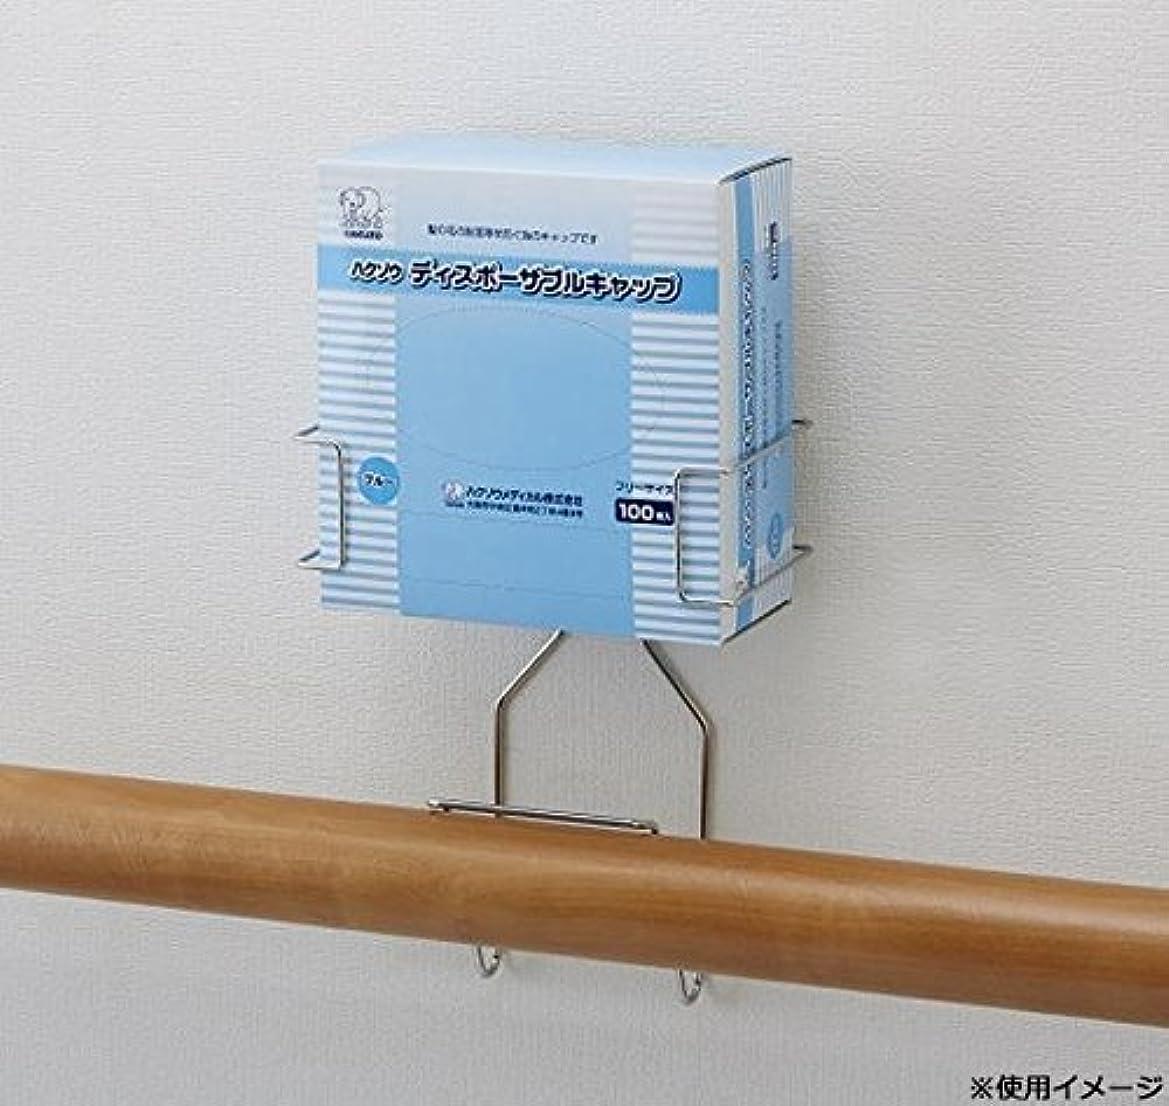 冗談でプリーツオーガニックハクゾウメディカル PPE製品用ホルダーSE(手すり用タイプ) エプロン?グローブタイプ 3904992